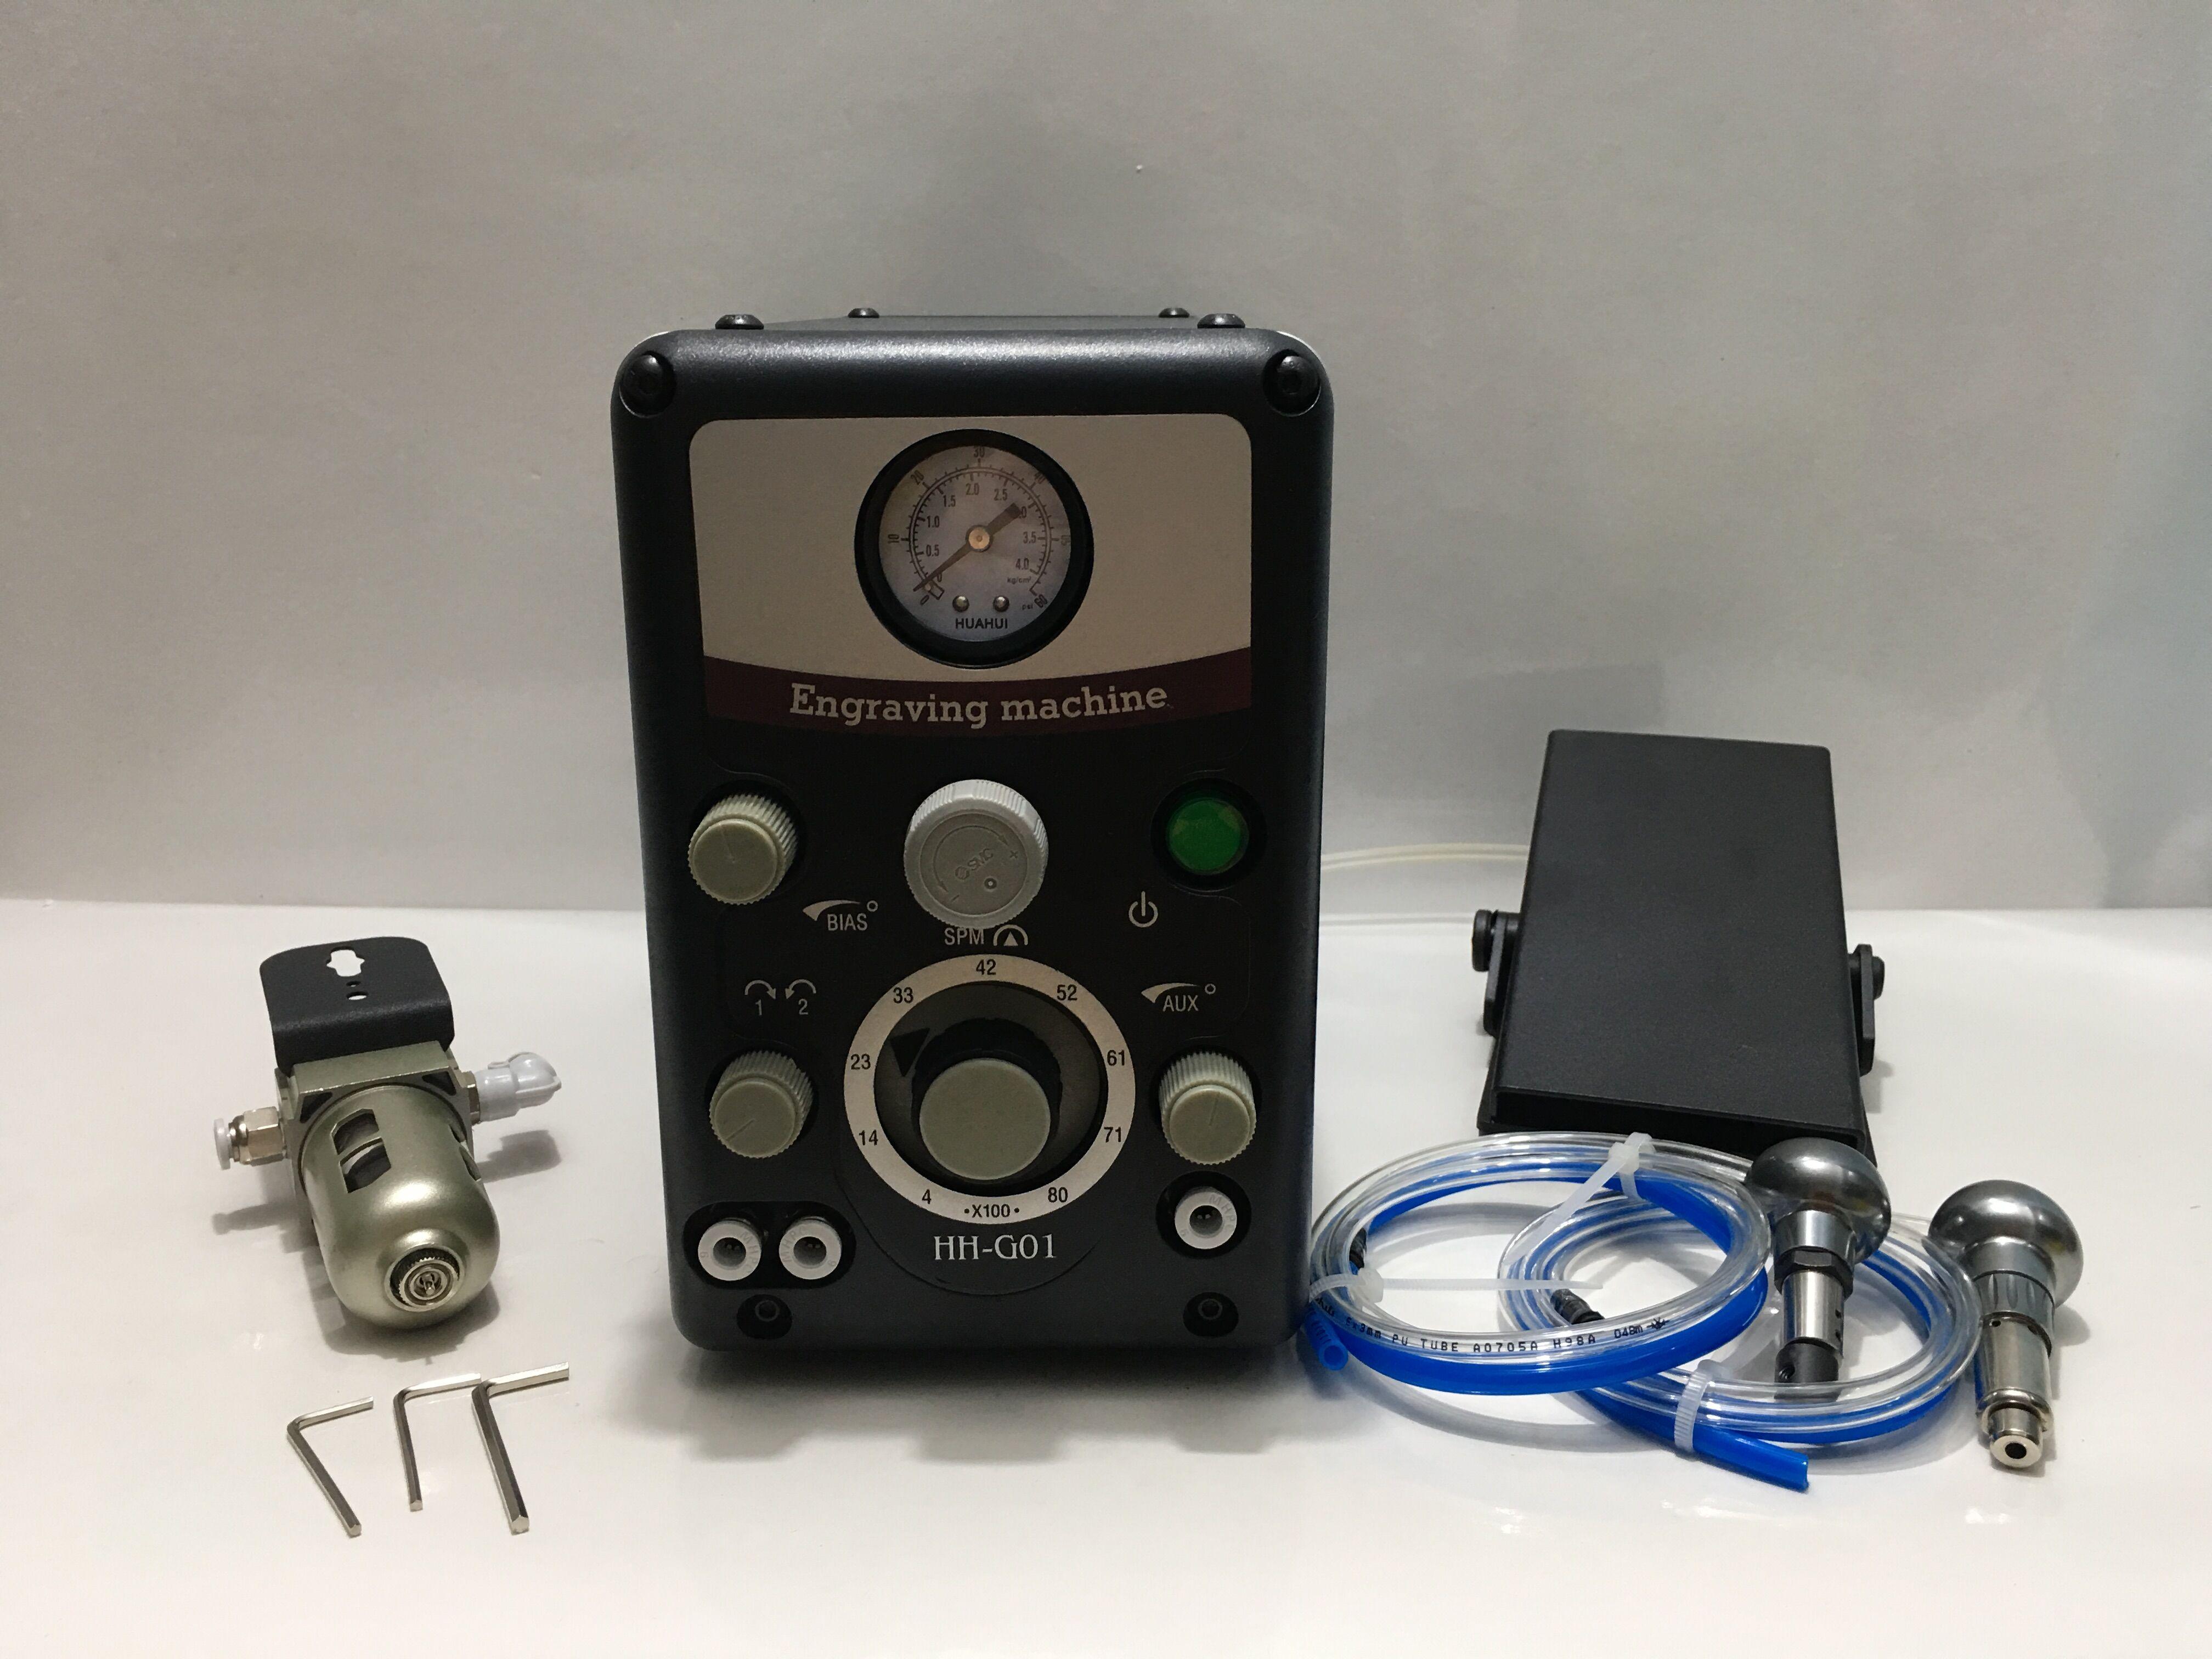 Nuevo Tipo 0-8000 trazos/min herramientas de grabado neumático máquina de grabado de joyería máquina de buril clasificada 4,7/5 b